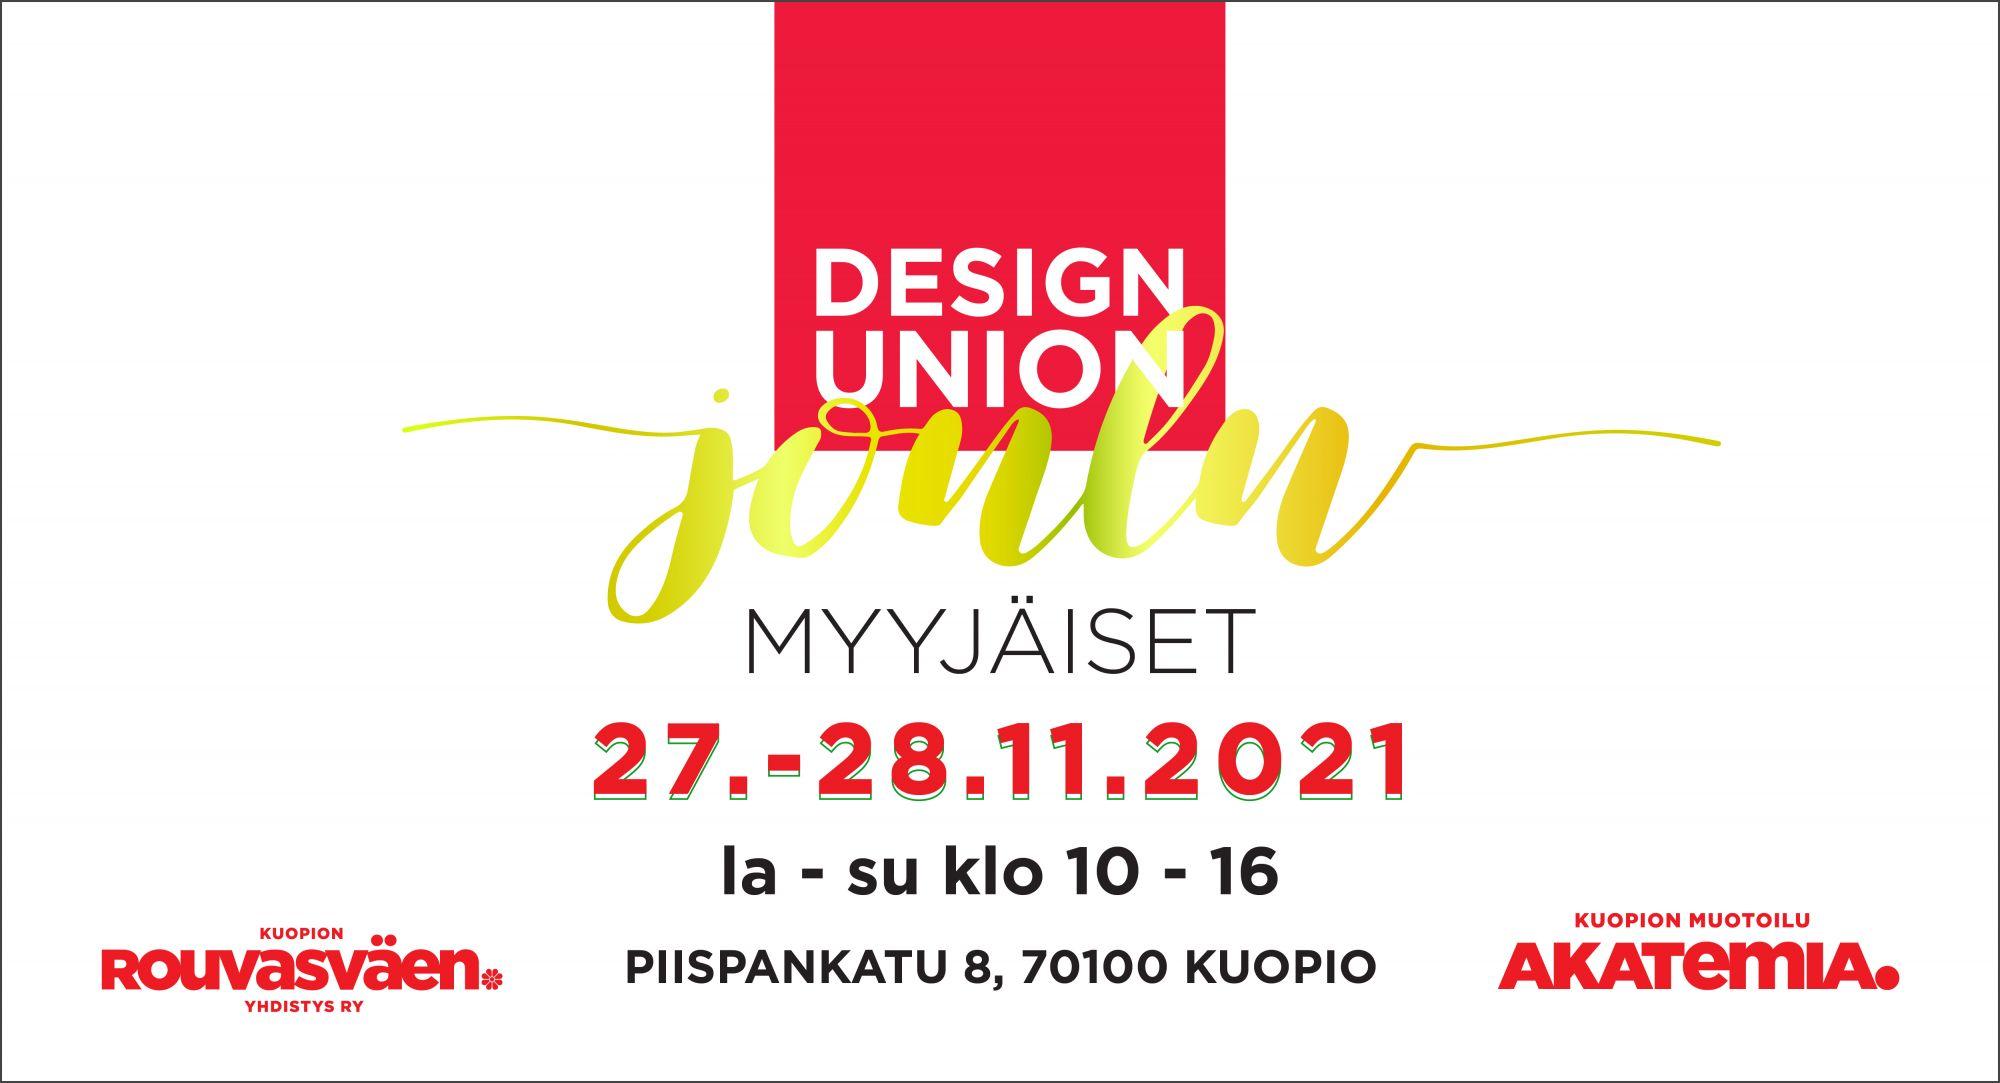 Kehykset Designjoulumyyjäiset